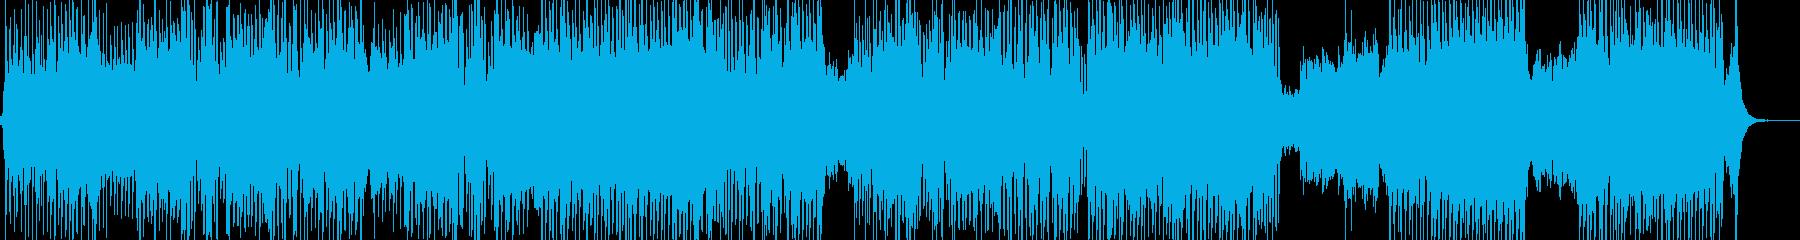 戦闘スタート・激しいオーケストラ 長尺の再生済みの波形